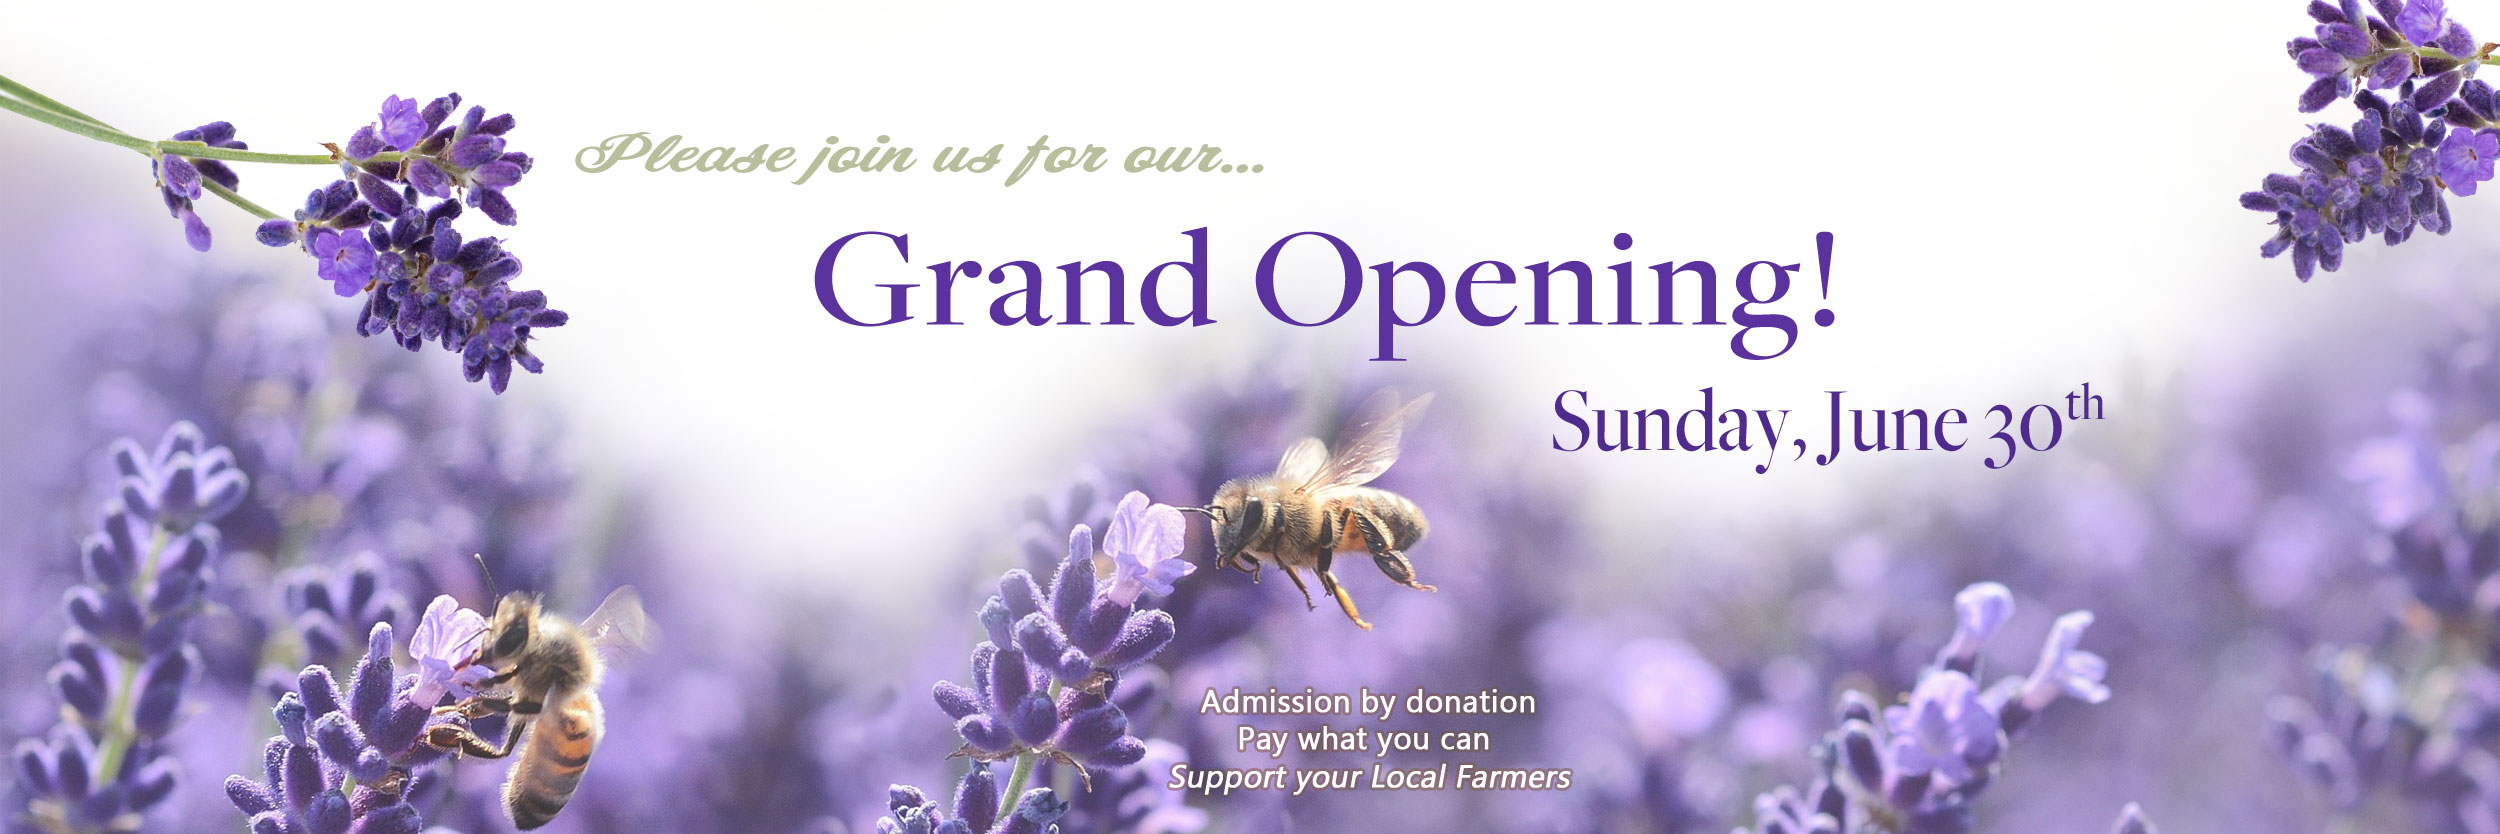 grand-opening-banner.jpg